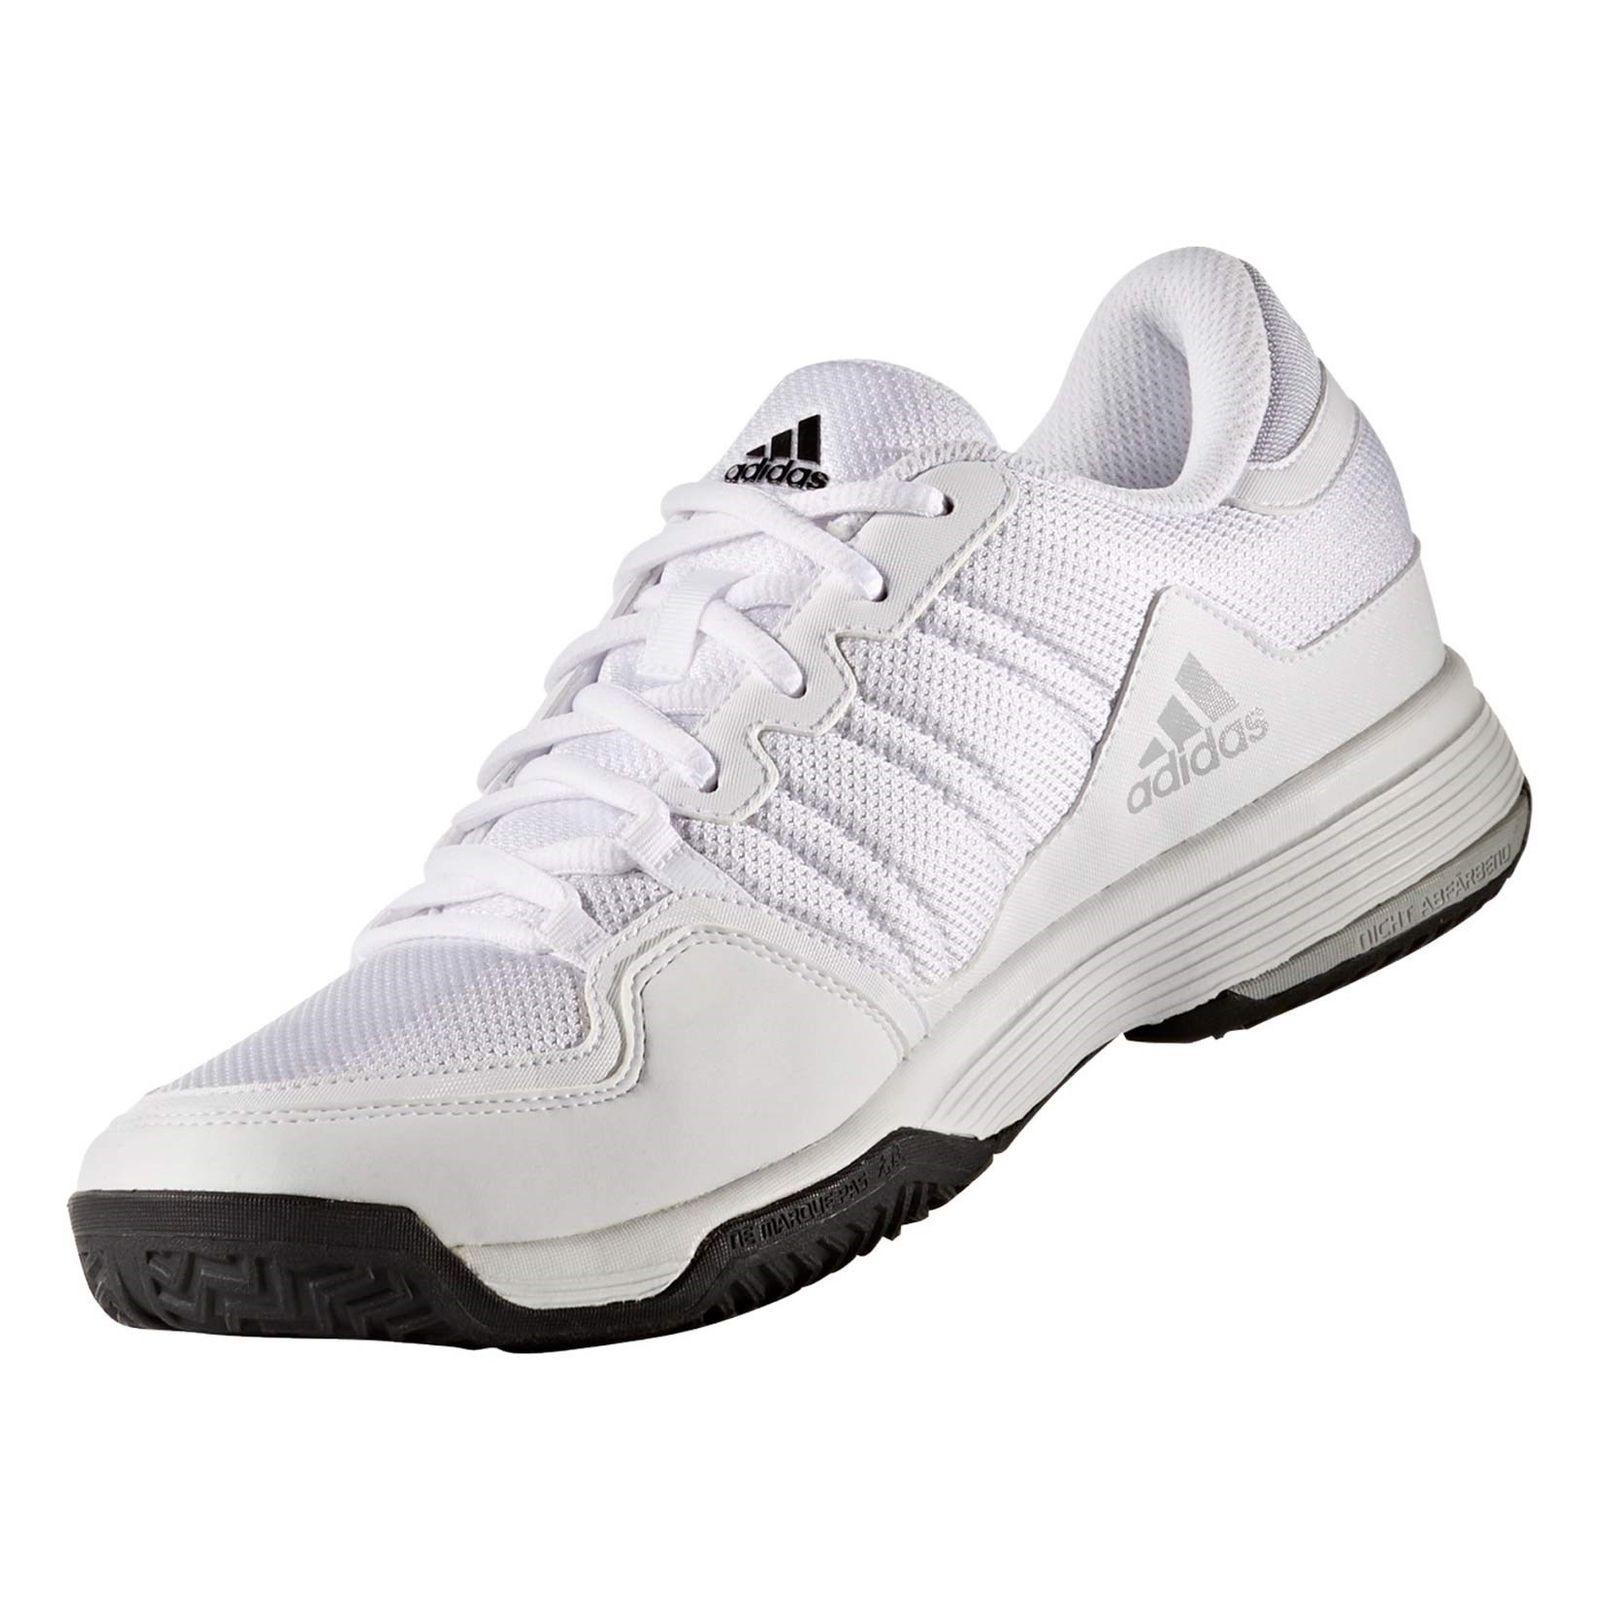 کفش تنیس بندی مردانه Barricade Club - آدیداس - سفيد - 2